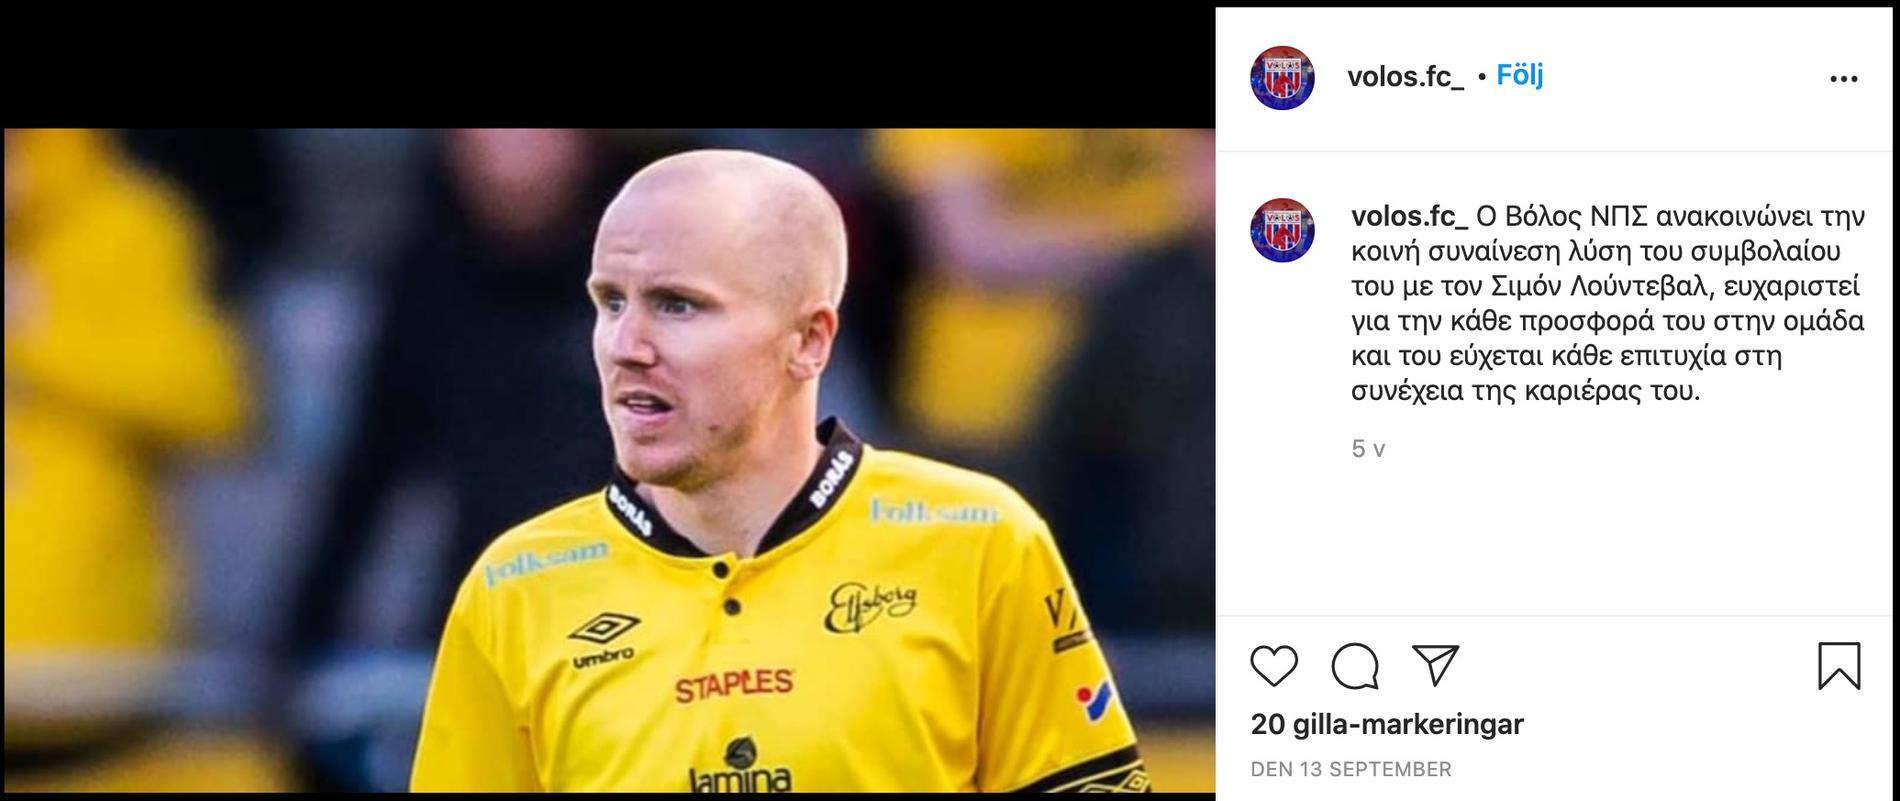 Volos officiella Instagramkonto den 13 september